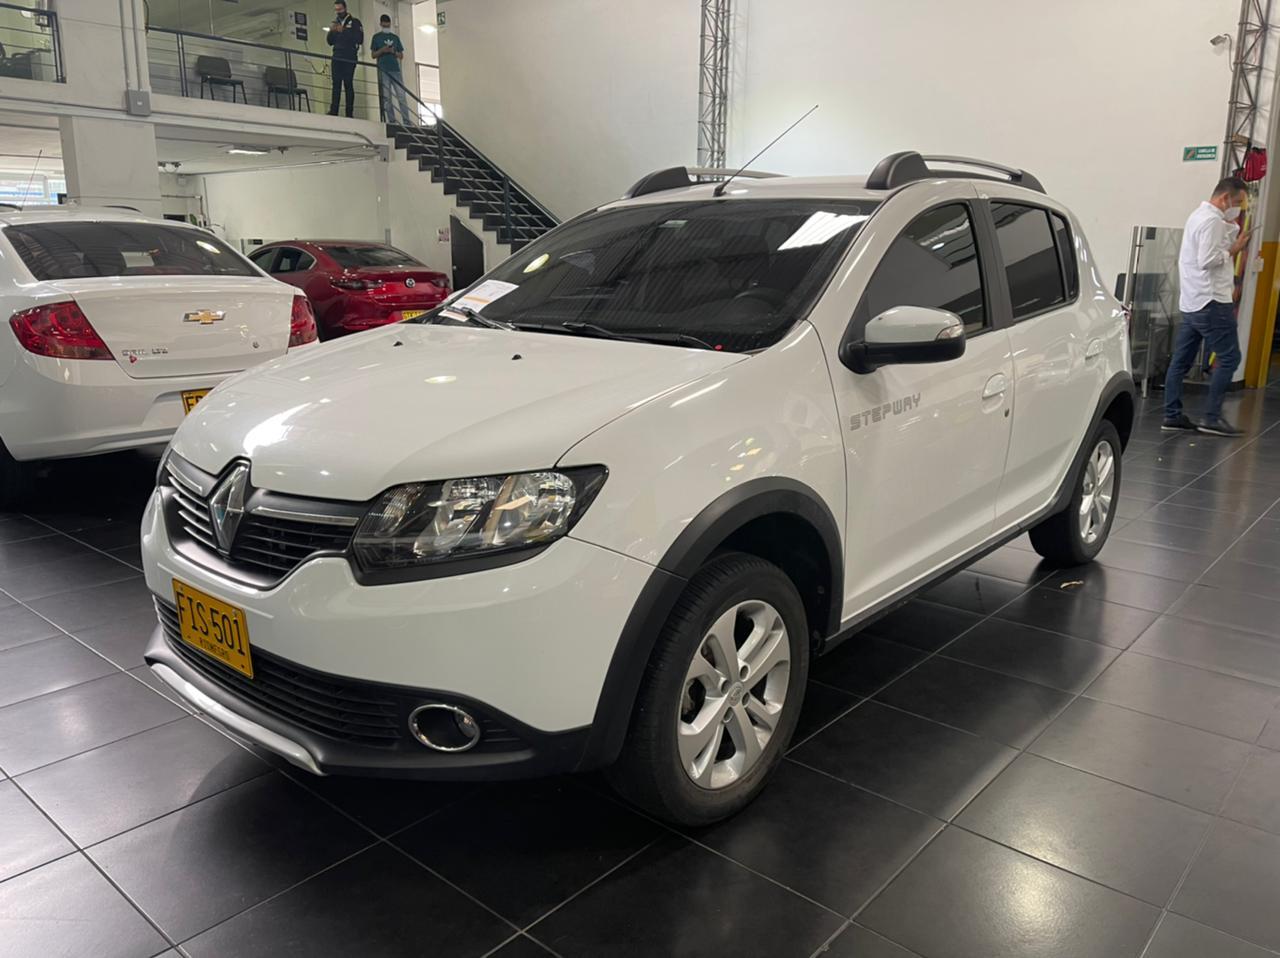 Renault-Stepway-01434921-1